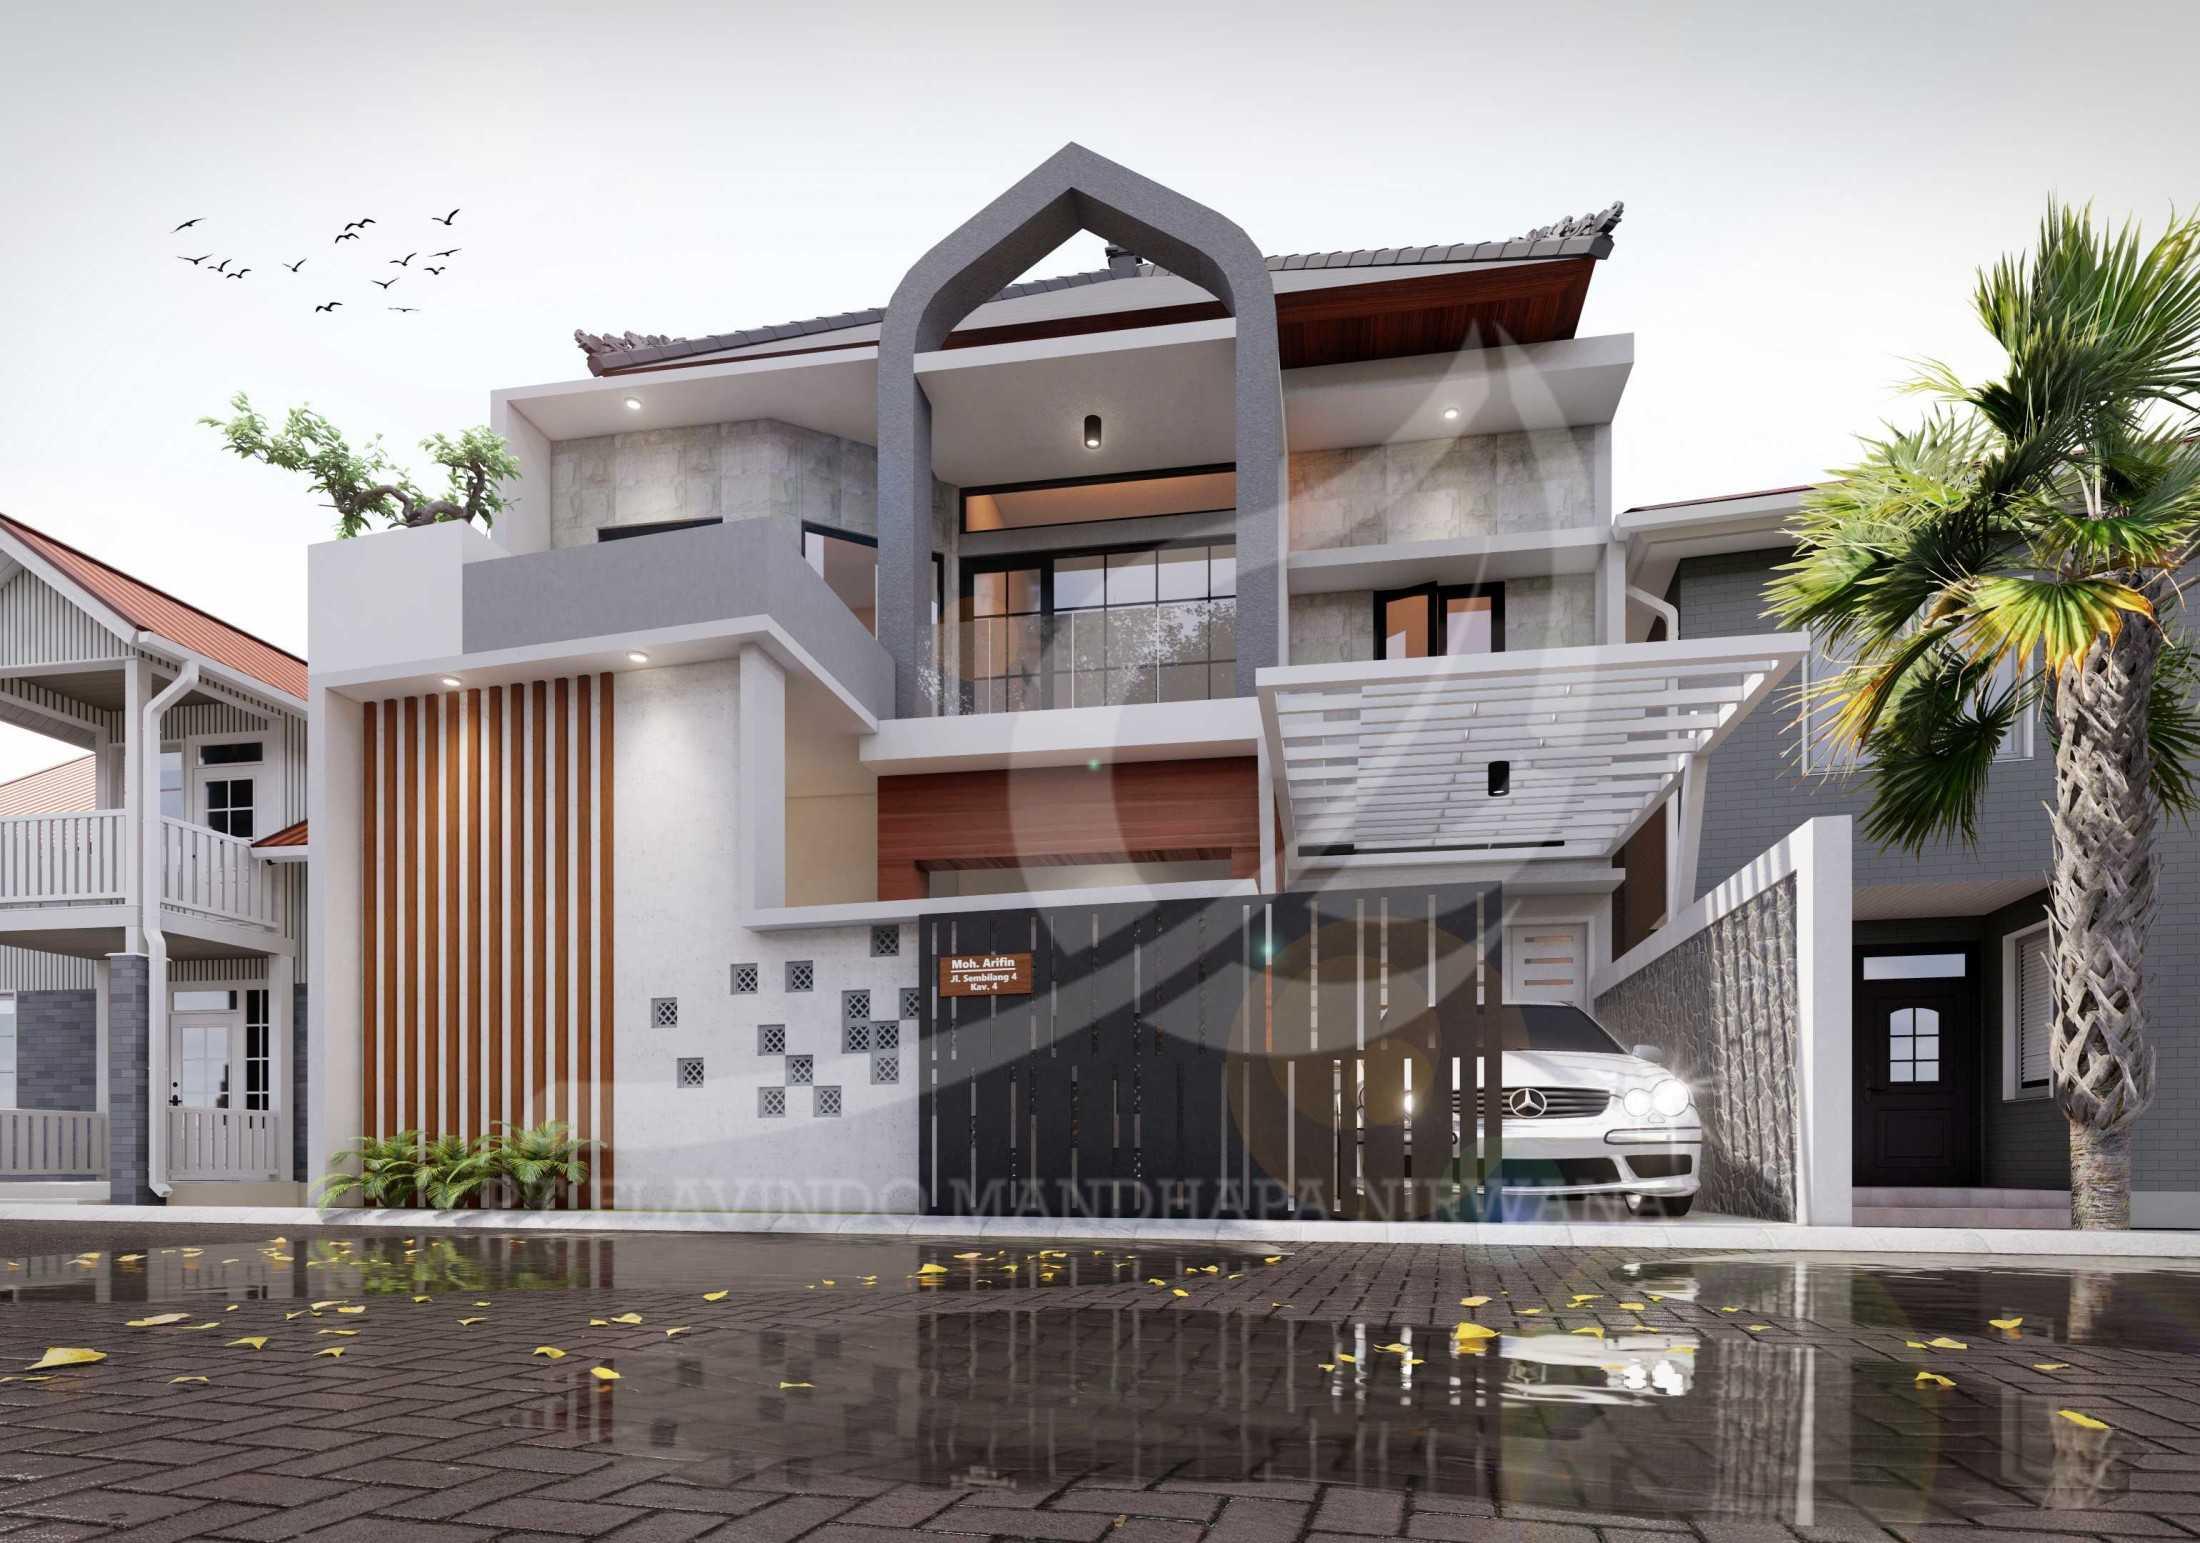 Flav Arsitek Rumah Mr.arifin Malang, Kota Malang, Jawa Timur, Indonesia Malang, Kota Malang, Jawa Timur, Indonesia Flav-Architect-Rumah-Mrarifin  112135